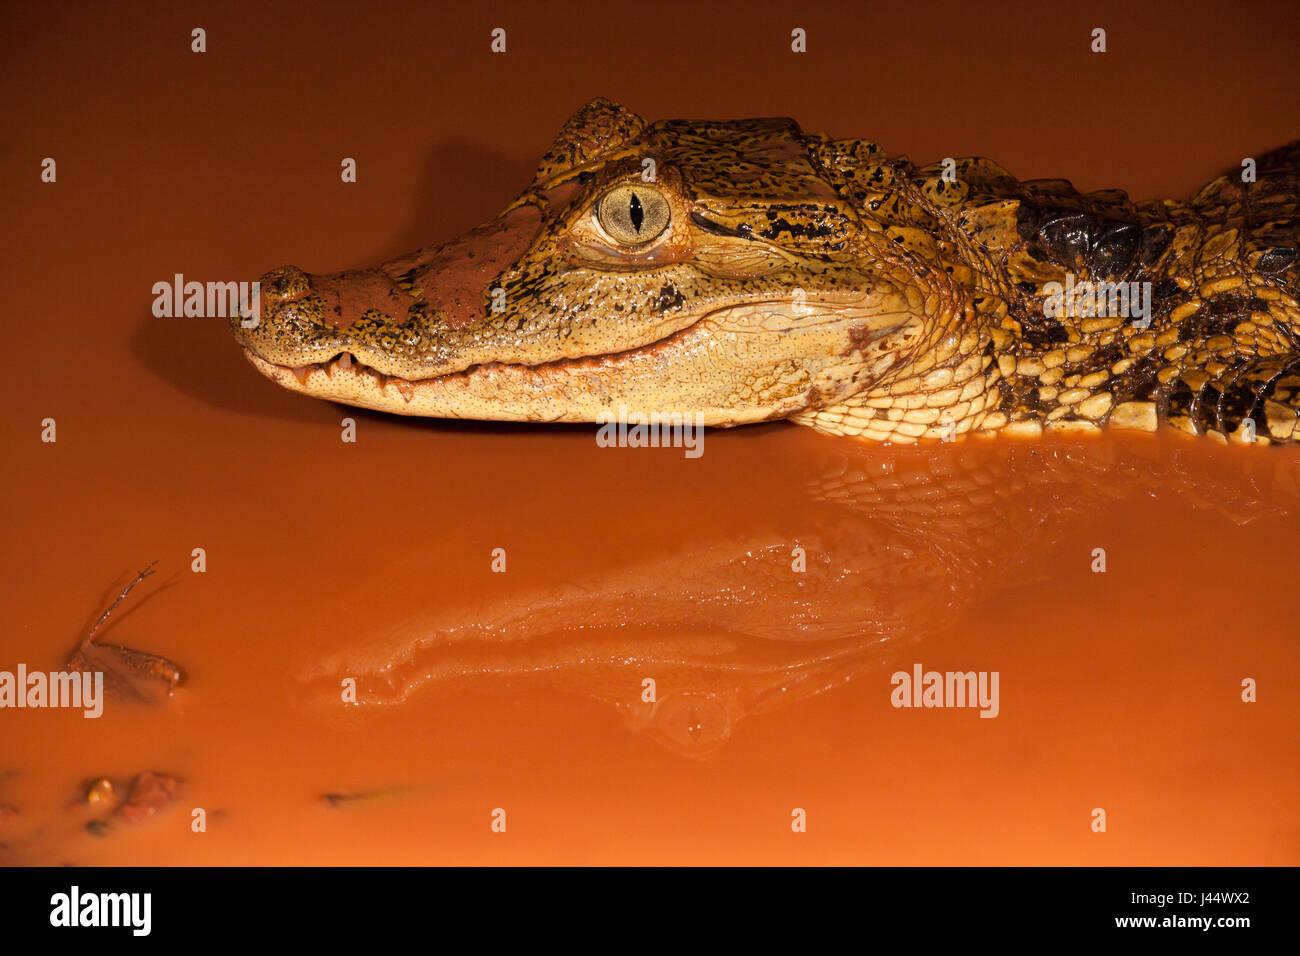 Foto van een brilkaaiman in een poel met rood modderig water; photo of a spectacled caiman in a pool with muddy - Stock Image